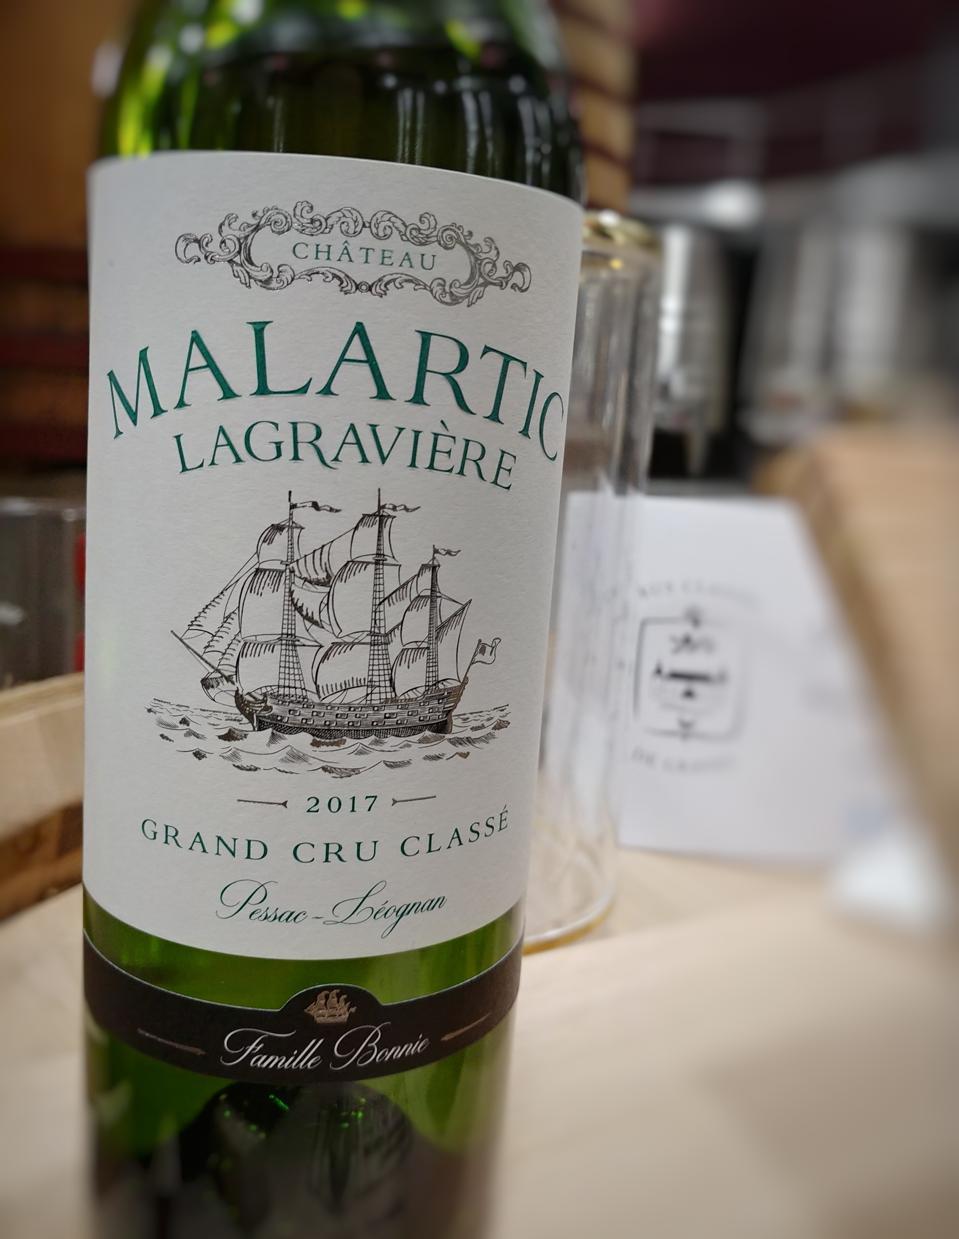 2017 Château Malartic-Lagravière